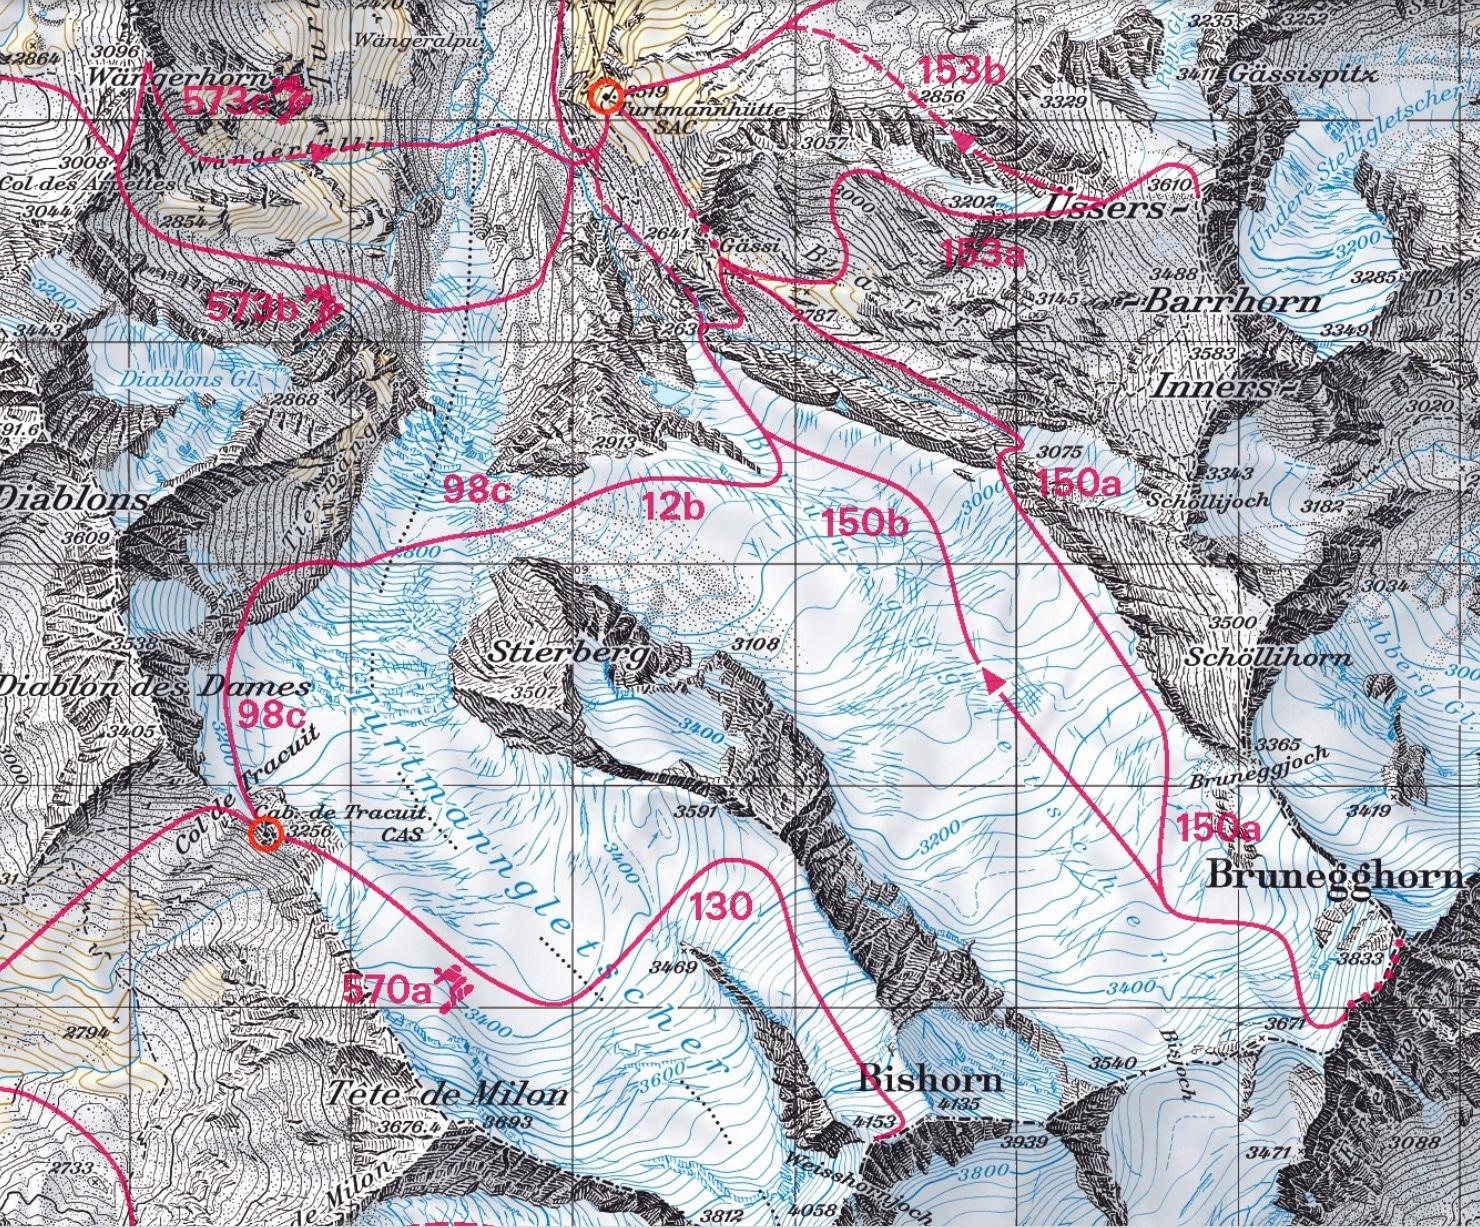 ski touring the Bishorn